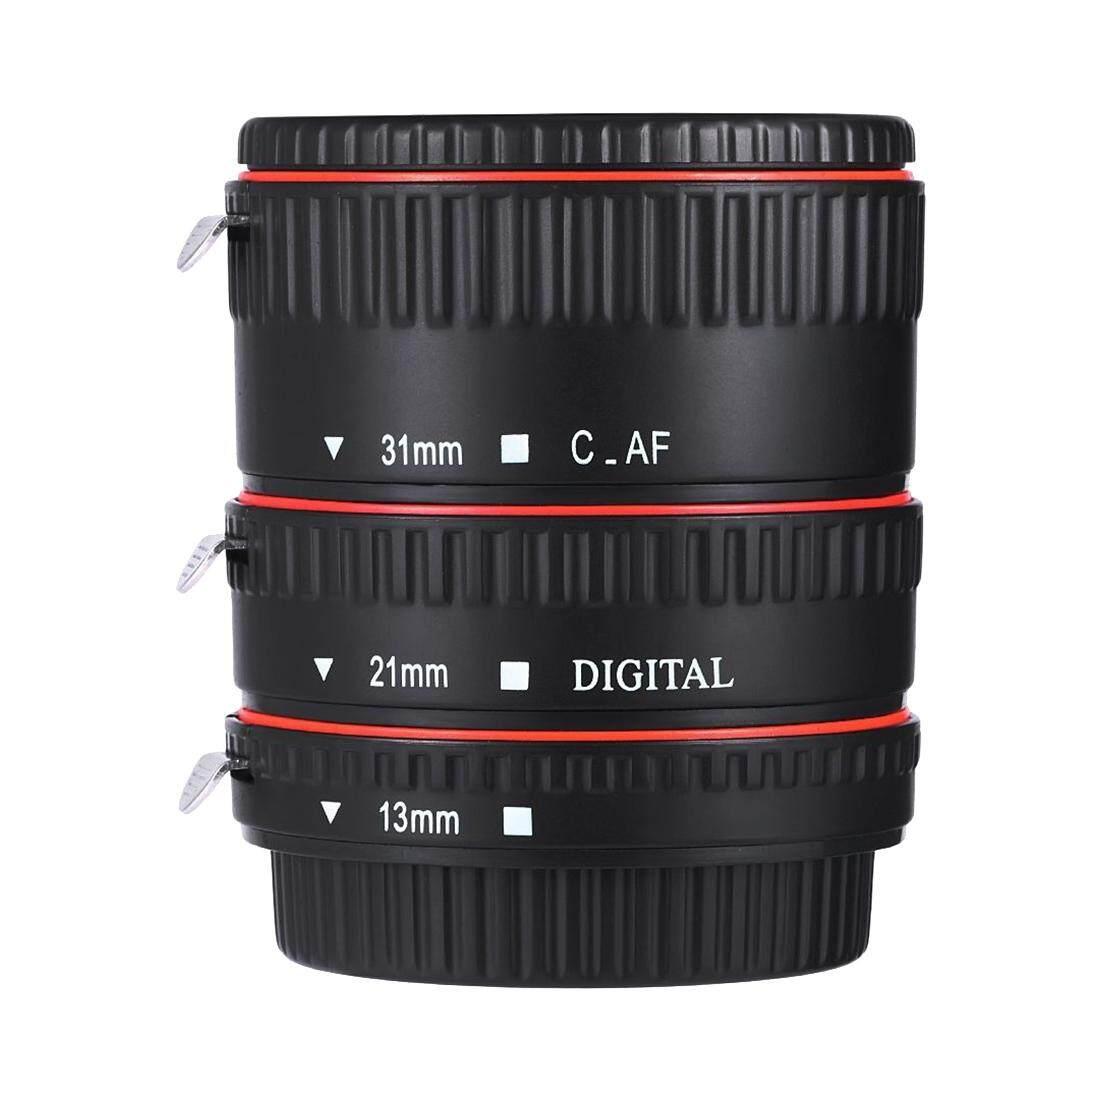 Jual Tabung Tanam Canon Murah Garansi Dan Berkualitas Id Store Infus 4 Warna Box Hitam Dengan Kunci Rp 173000